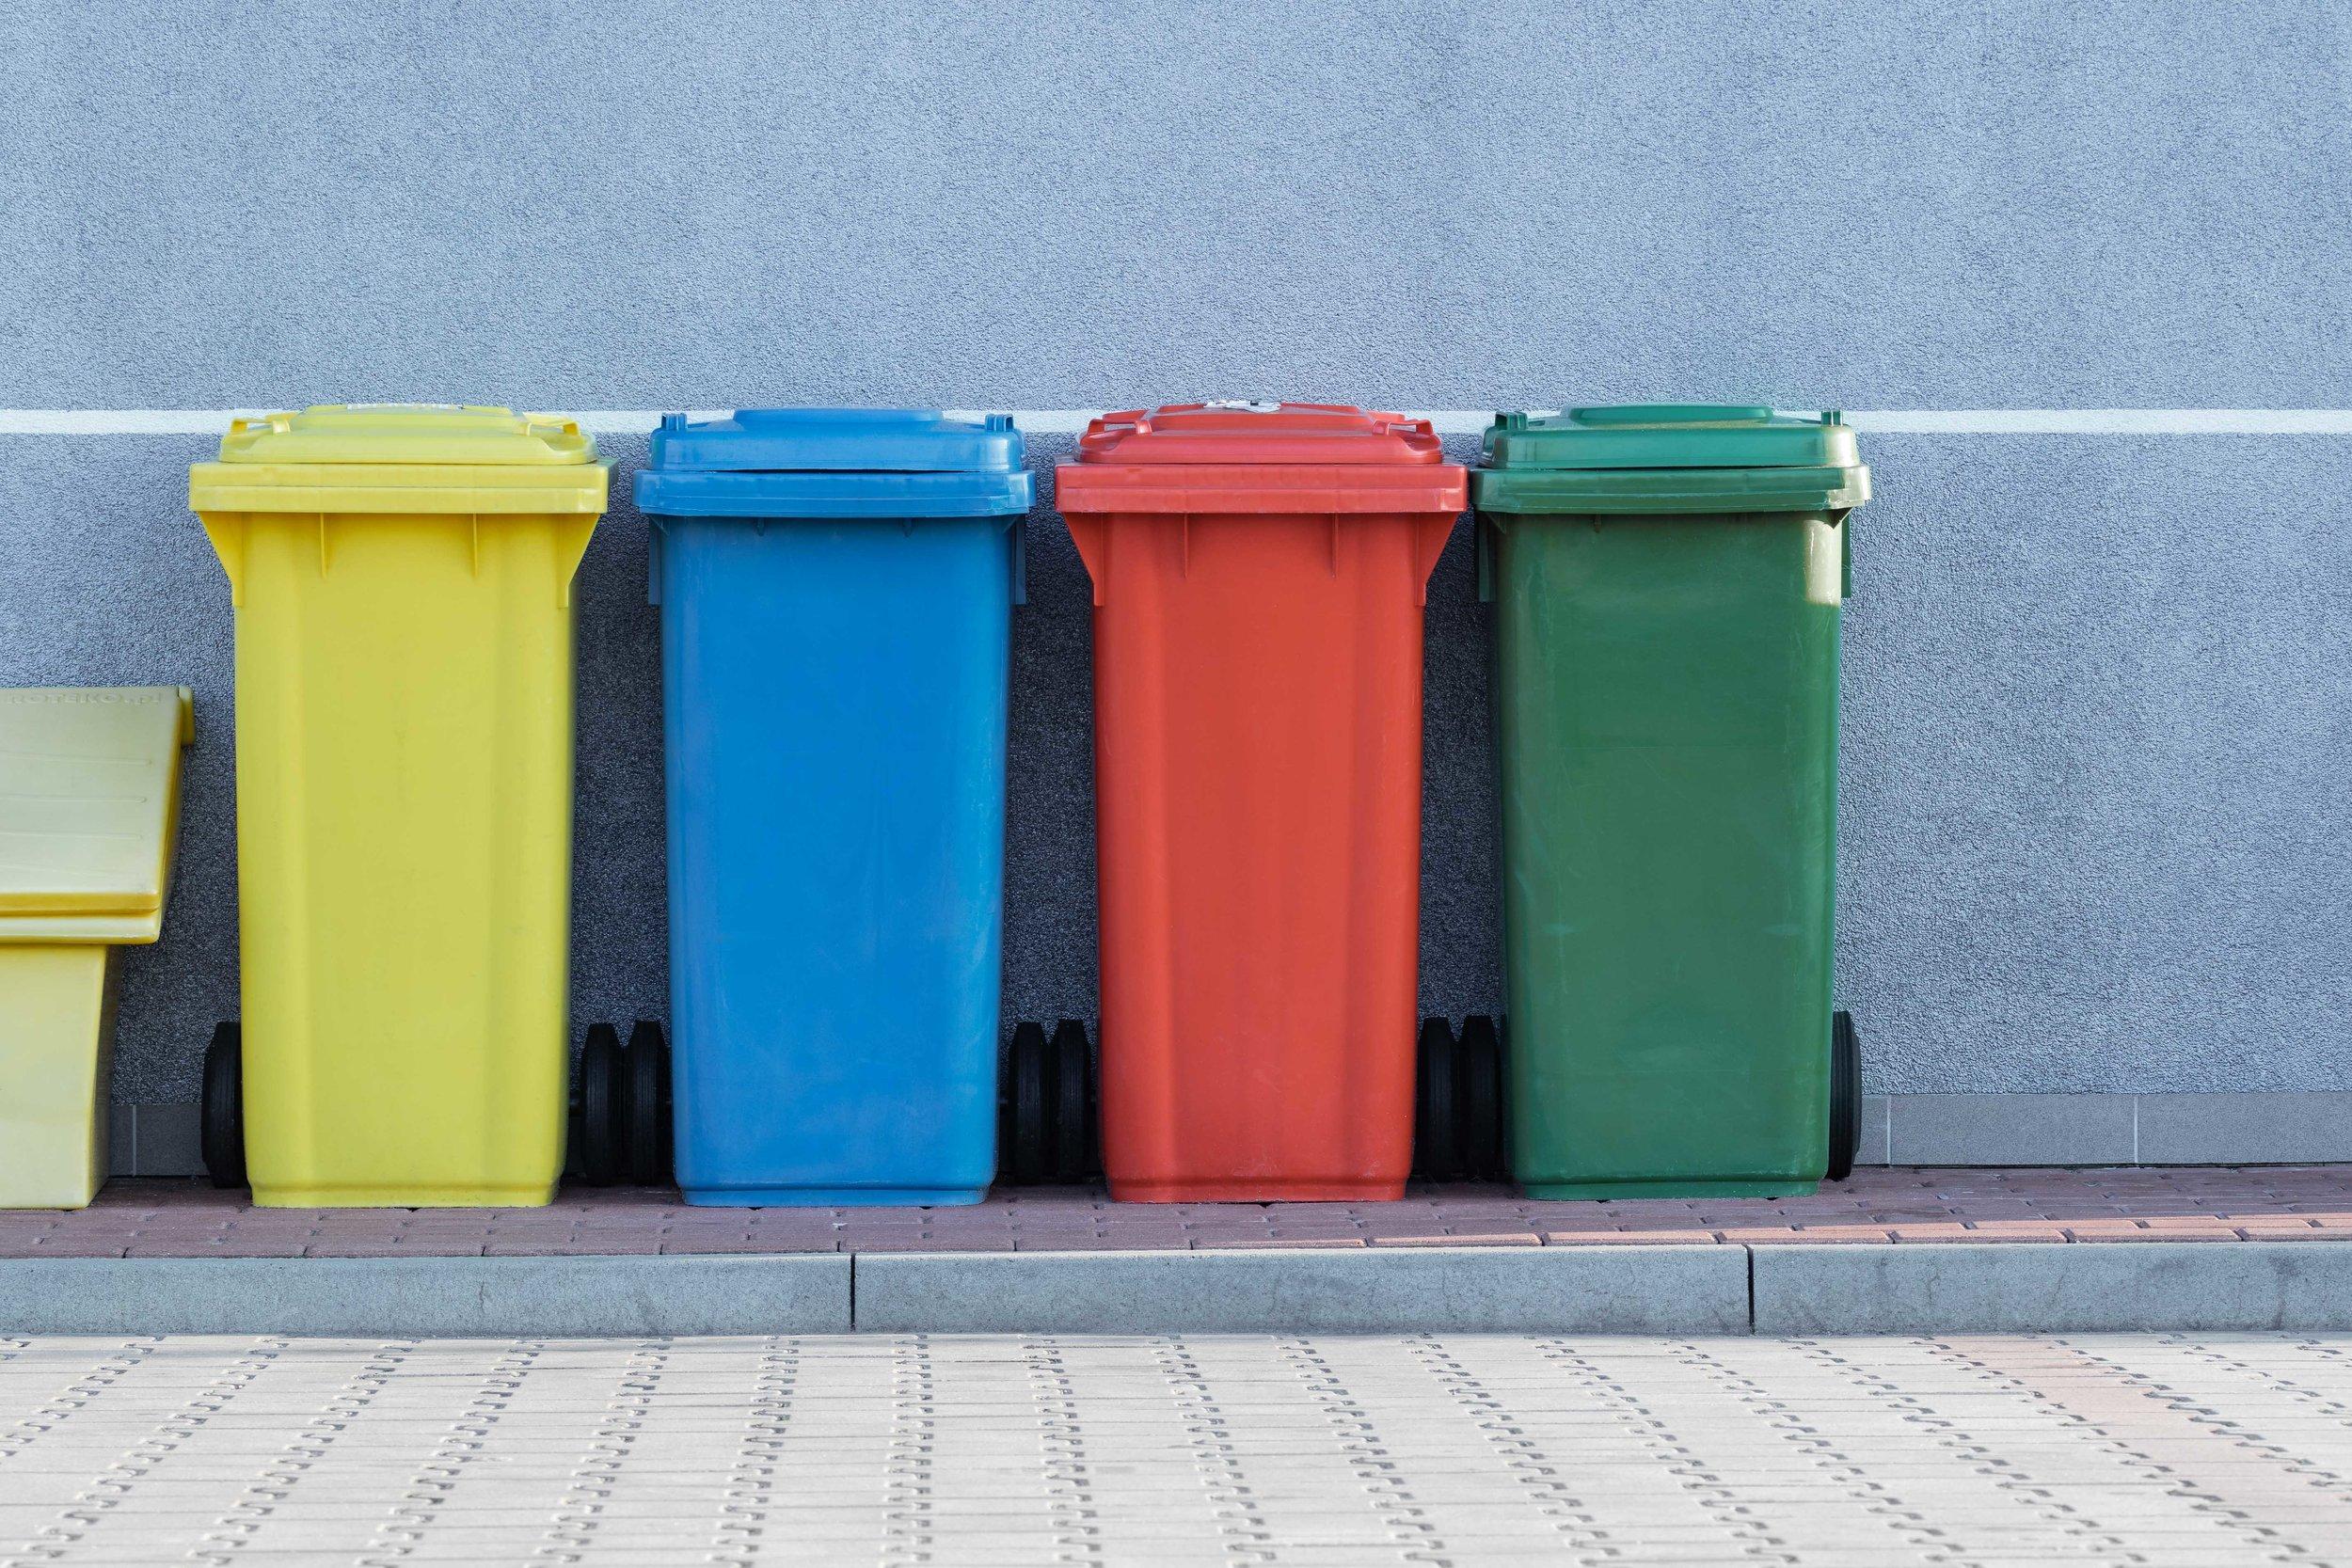 An assortment of trashcans.